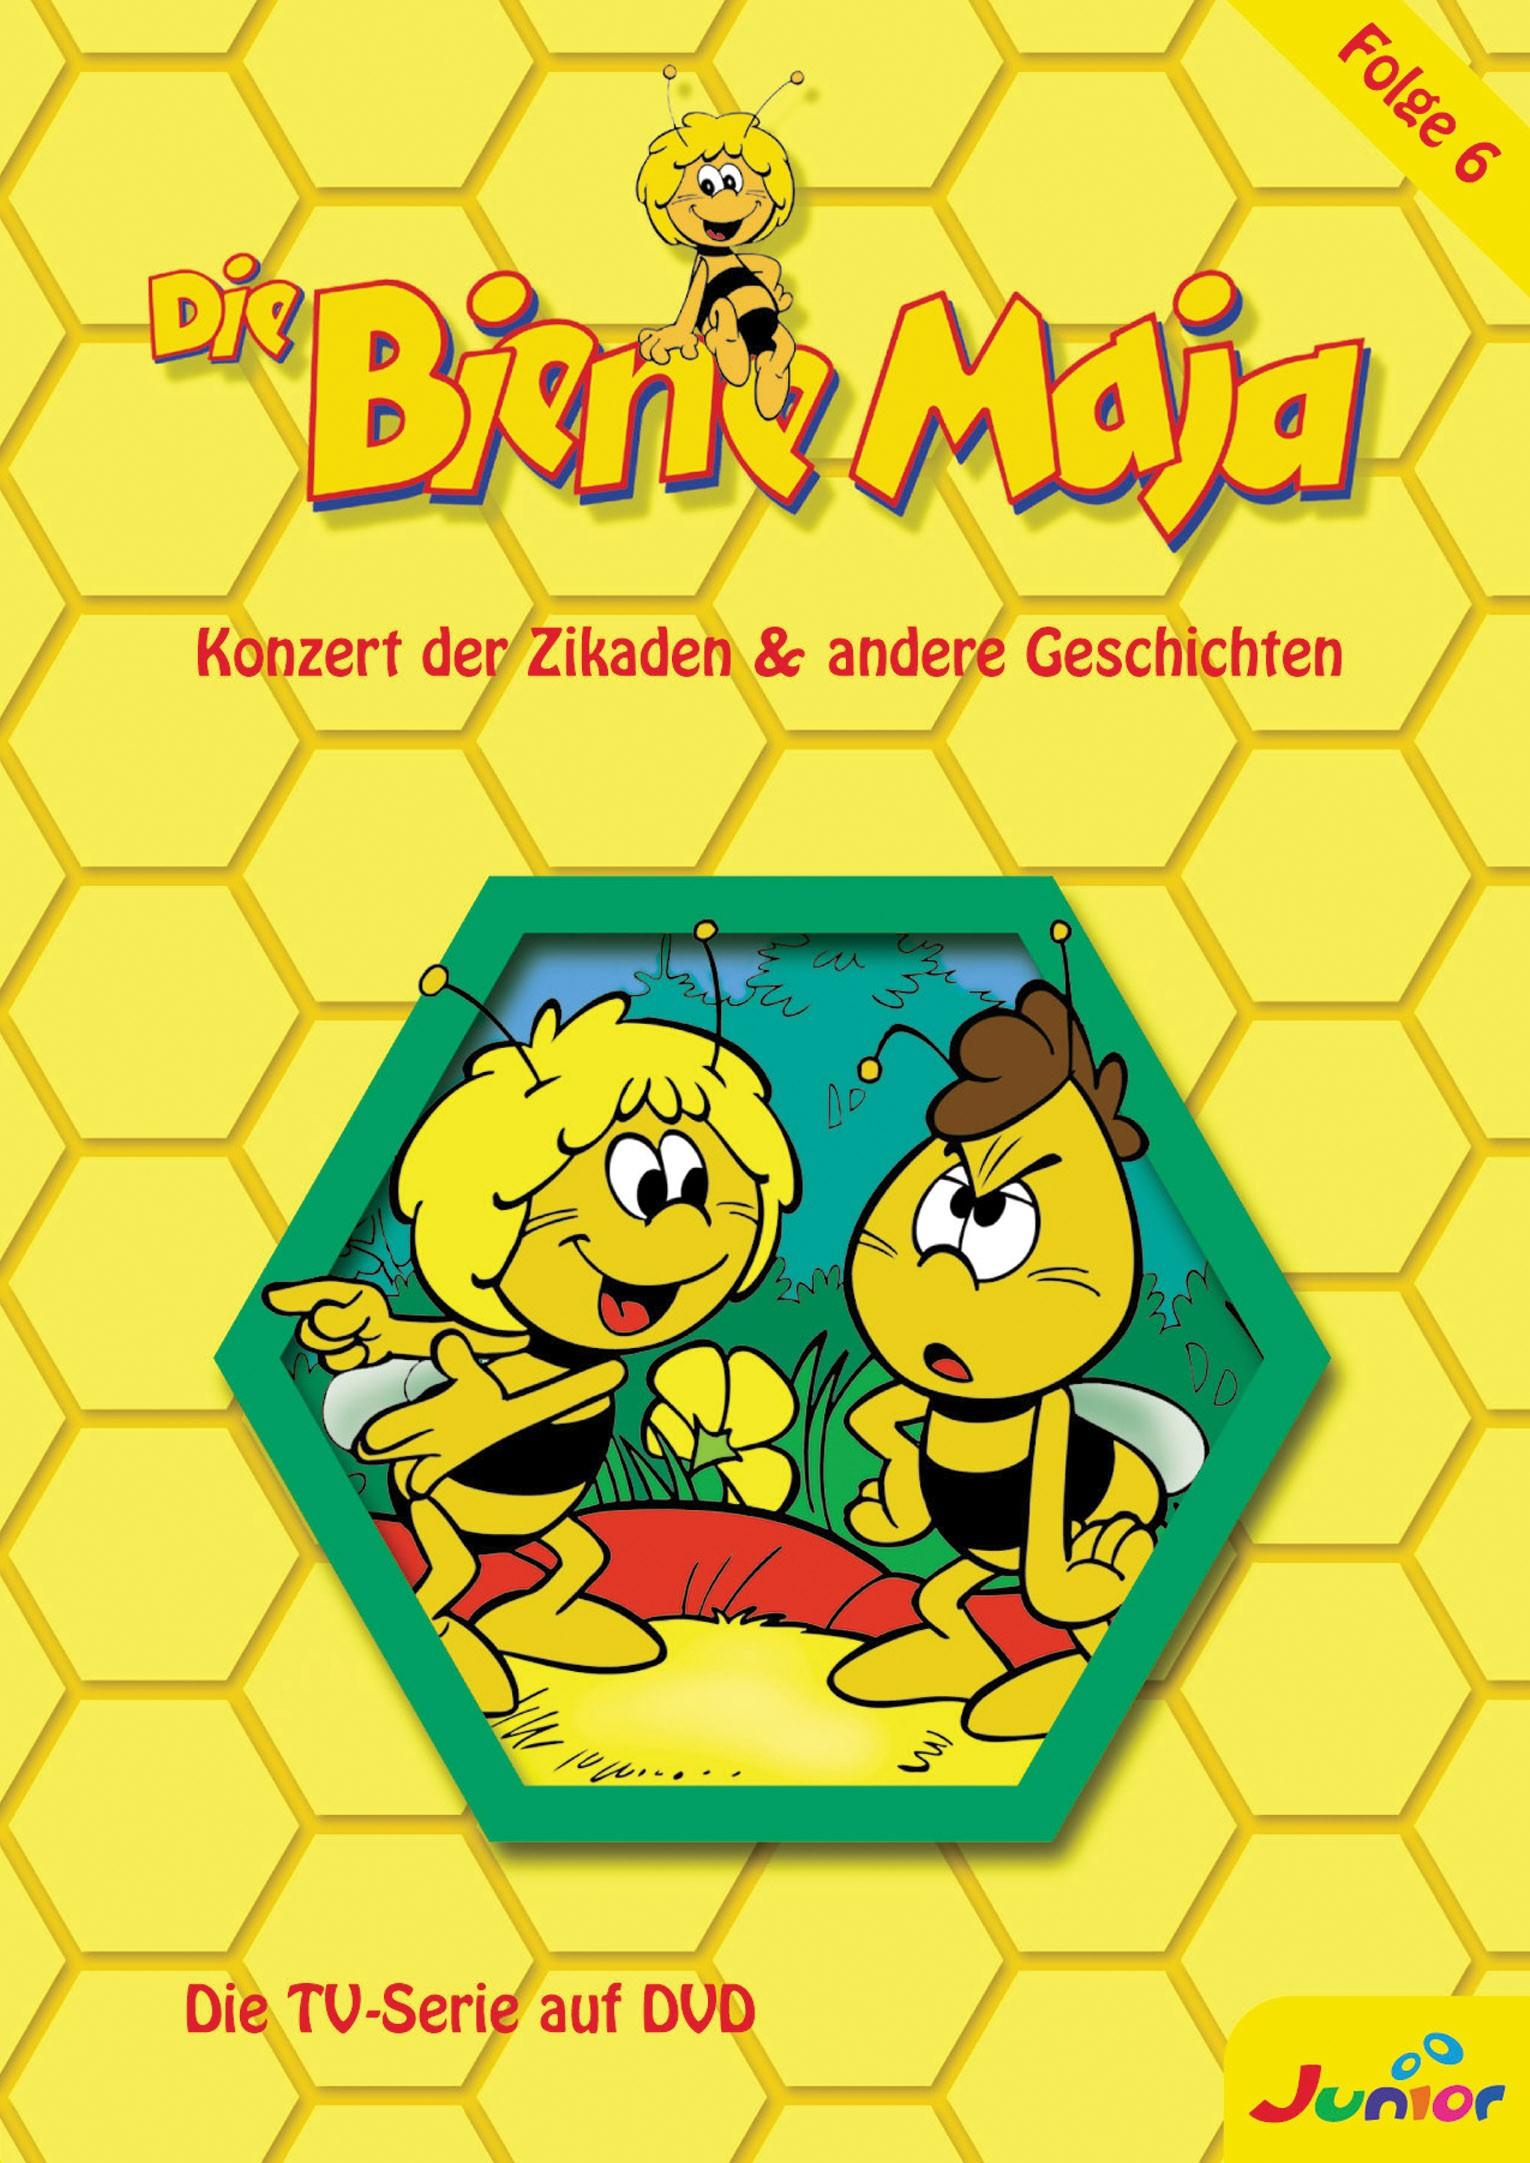 Biene Maja - (6) Konzert der Zikaden & andere Geschichten Poster